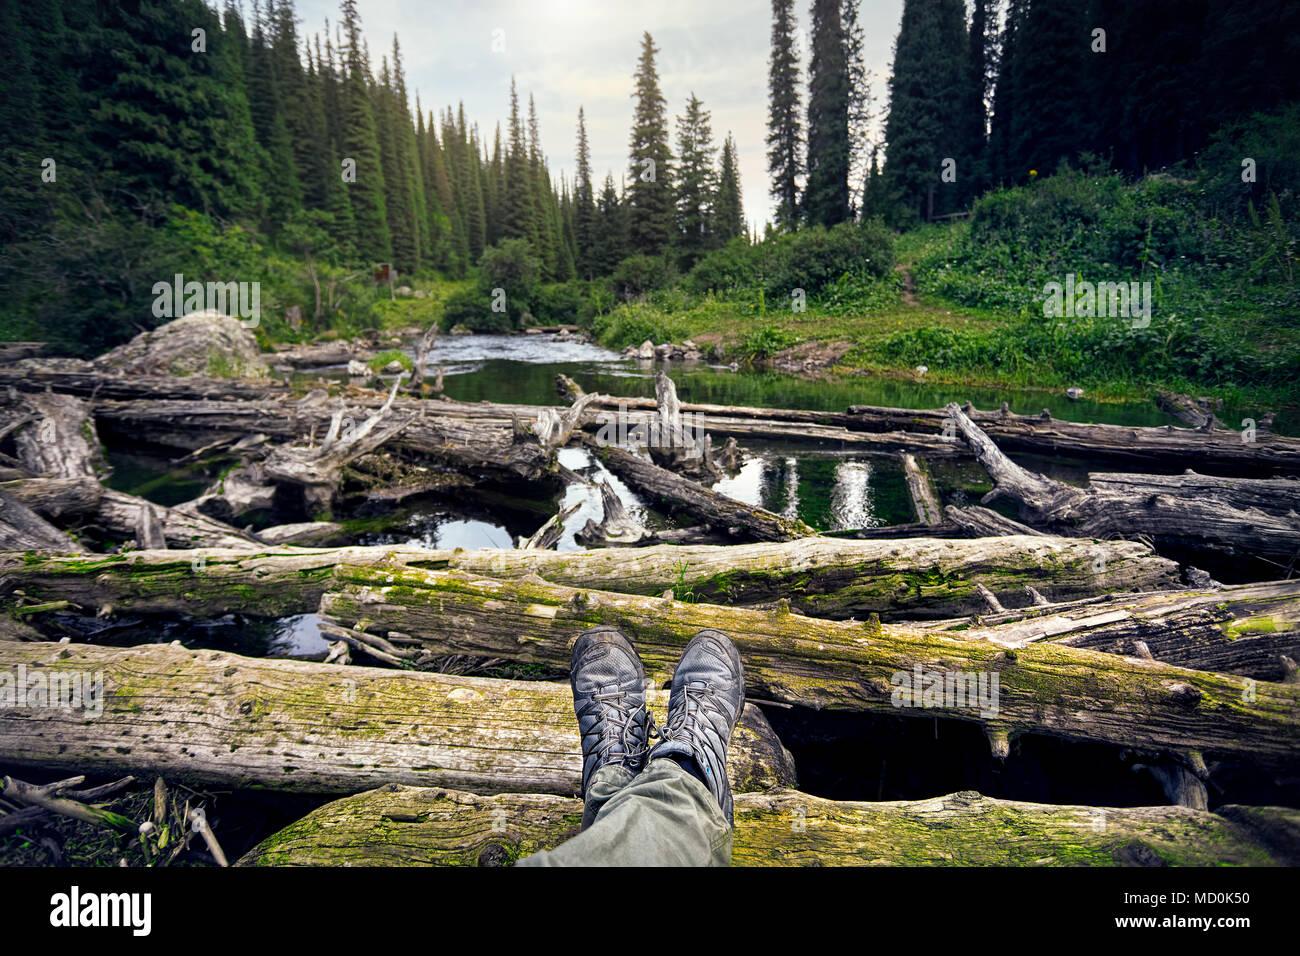 Die Beine des Menschen in Tracking Schuhe und Blick auf Wald und See. Outdoor Travel Concept. Stockbild